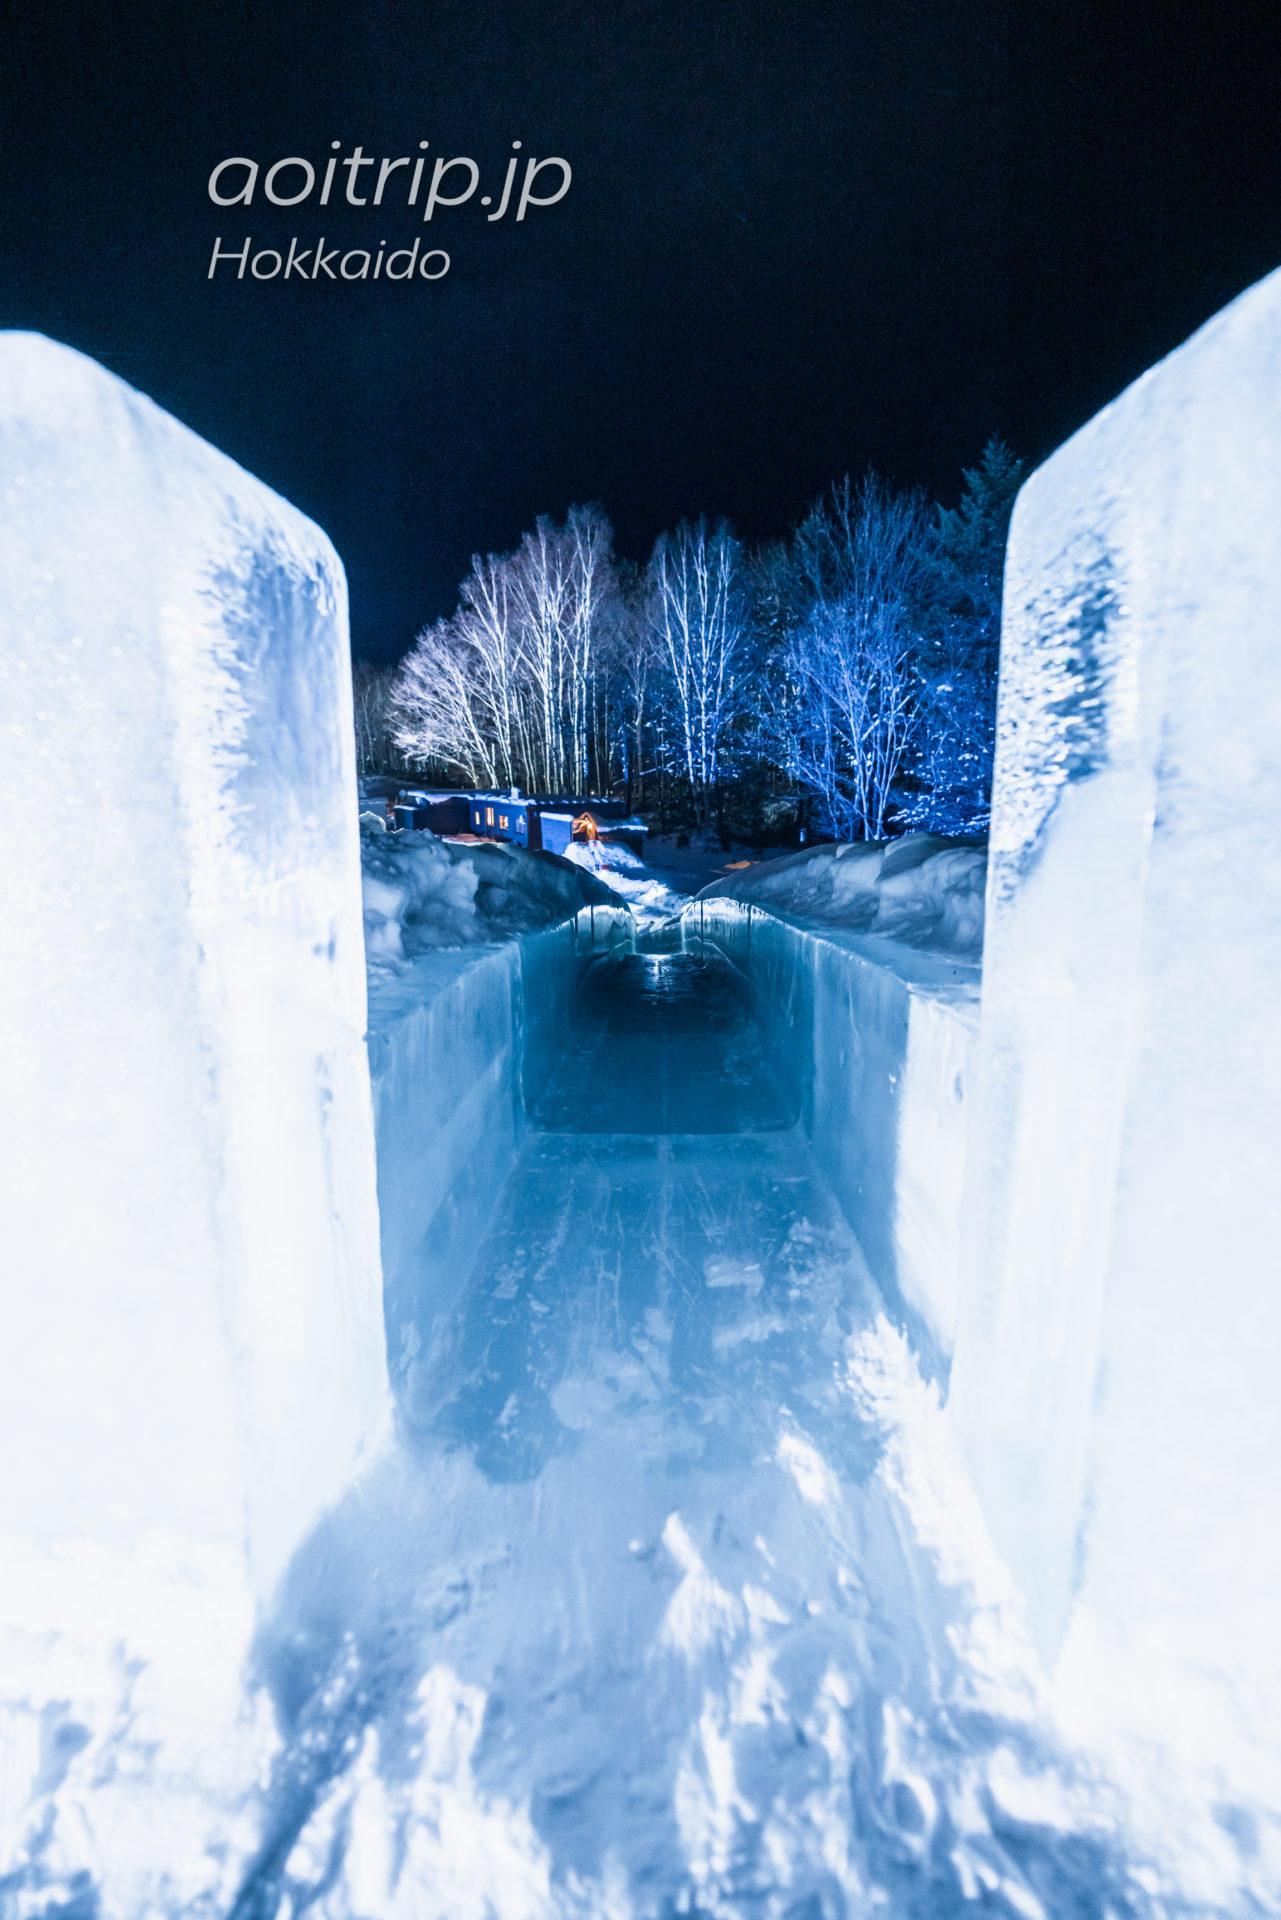 アイスヴィレッジの氷の滑り台